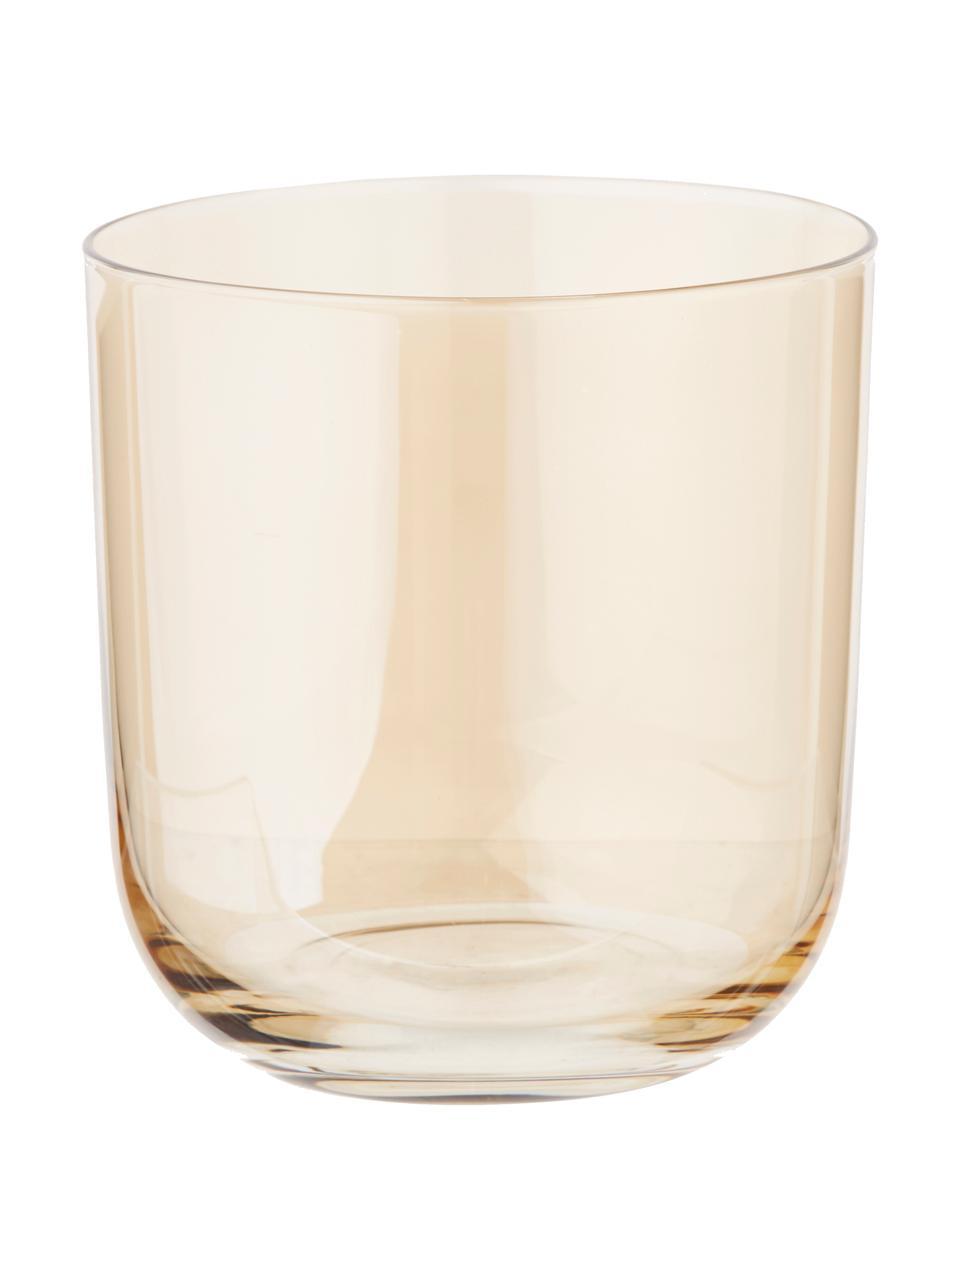 Handbemalte Wassergläser Polka in Braun- und Grautönen, 4er-Set, Glas, Gelb, Kastanienbraun, Grau, Braun, Ø 9 x H 9 cm